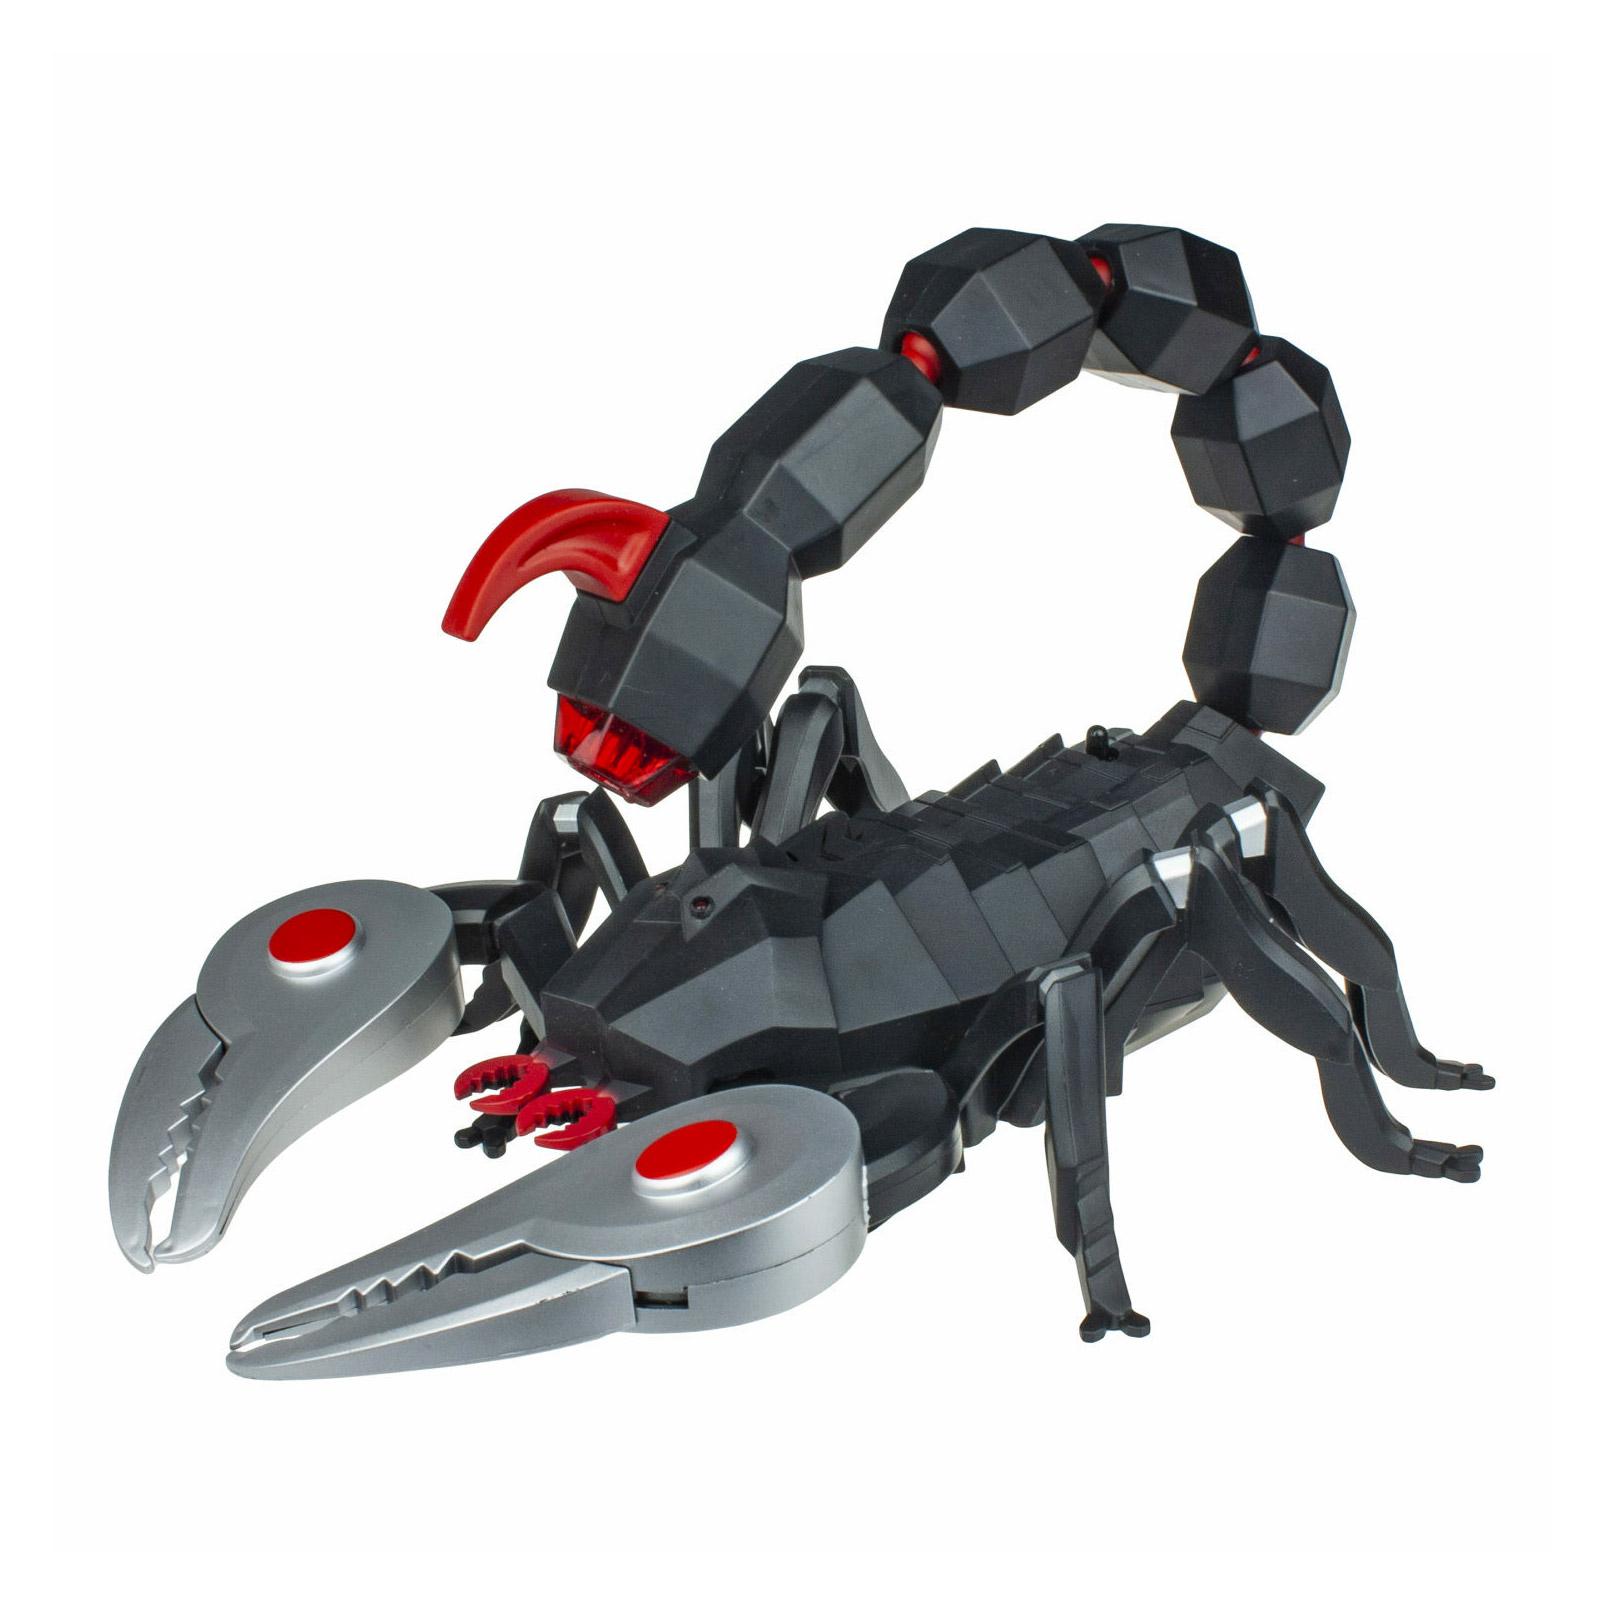 Робот на ИК-управлении 1Toy Императорский Скорпион с парогенератором фото